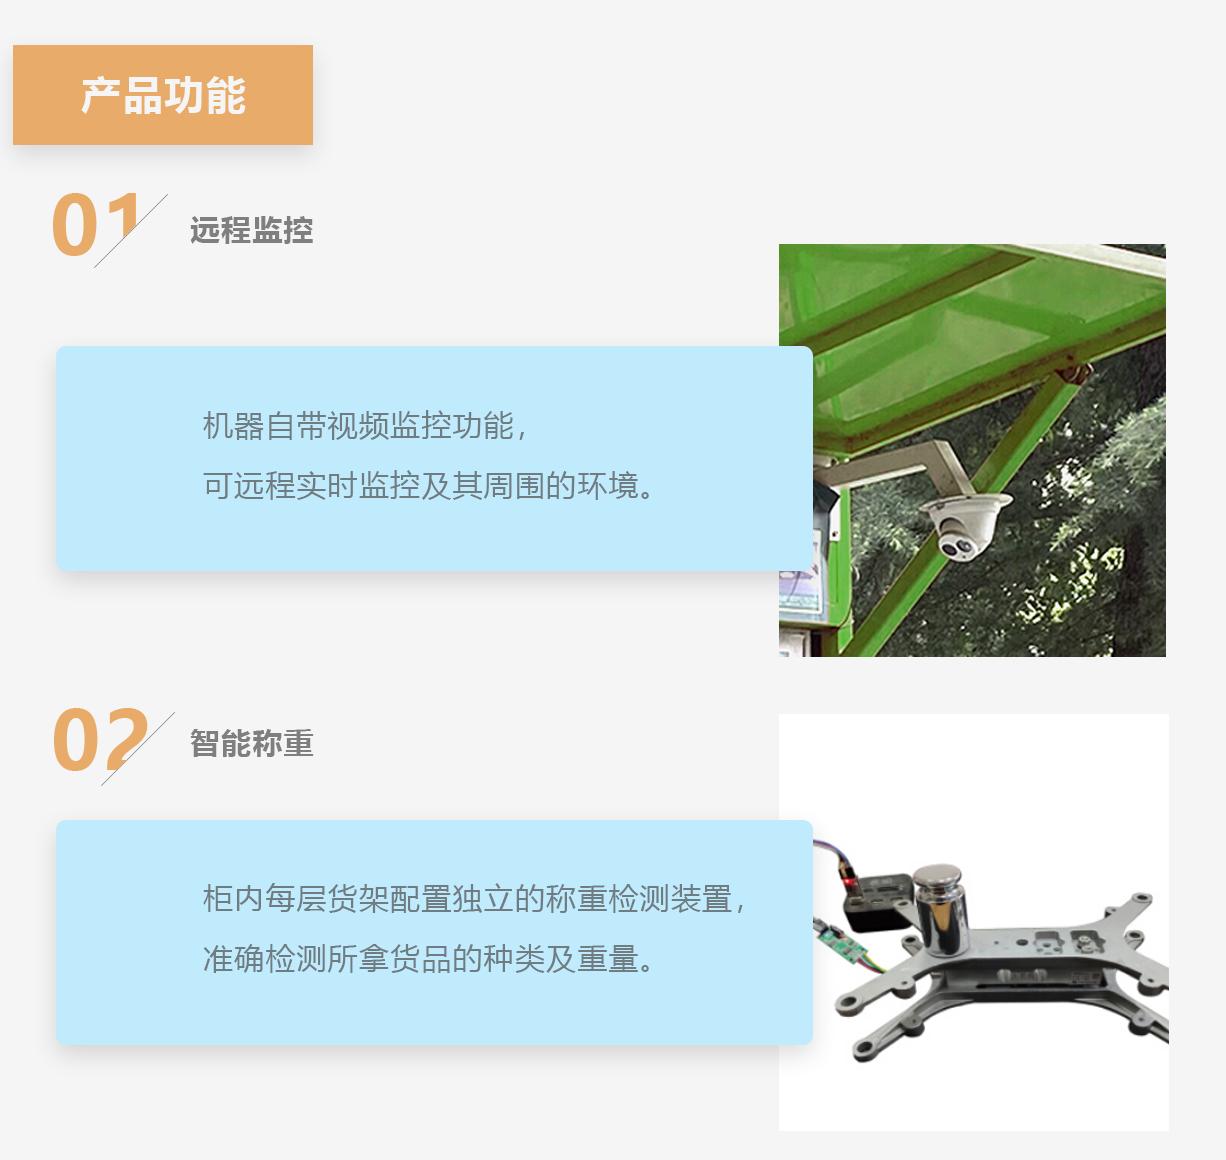 石家庄专业生鲜无人售货柜 欢迎来电「陕西迪尔西信息科技供应」